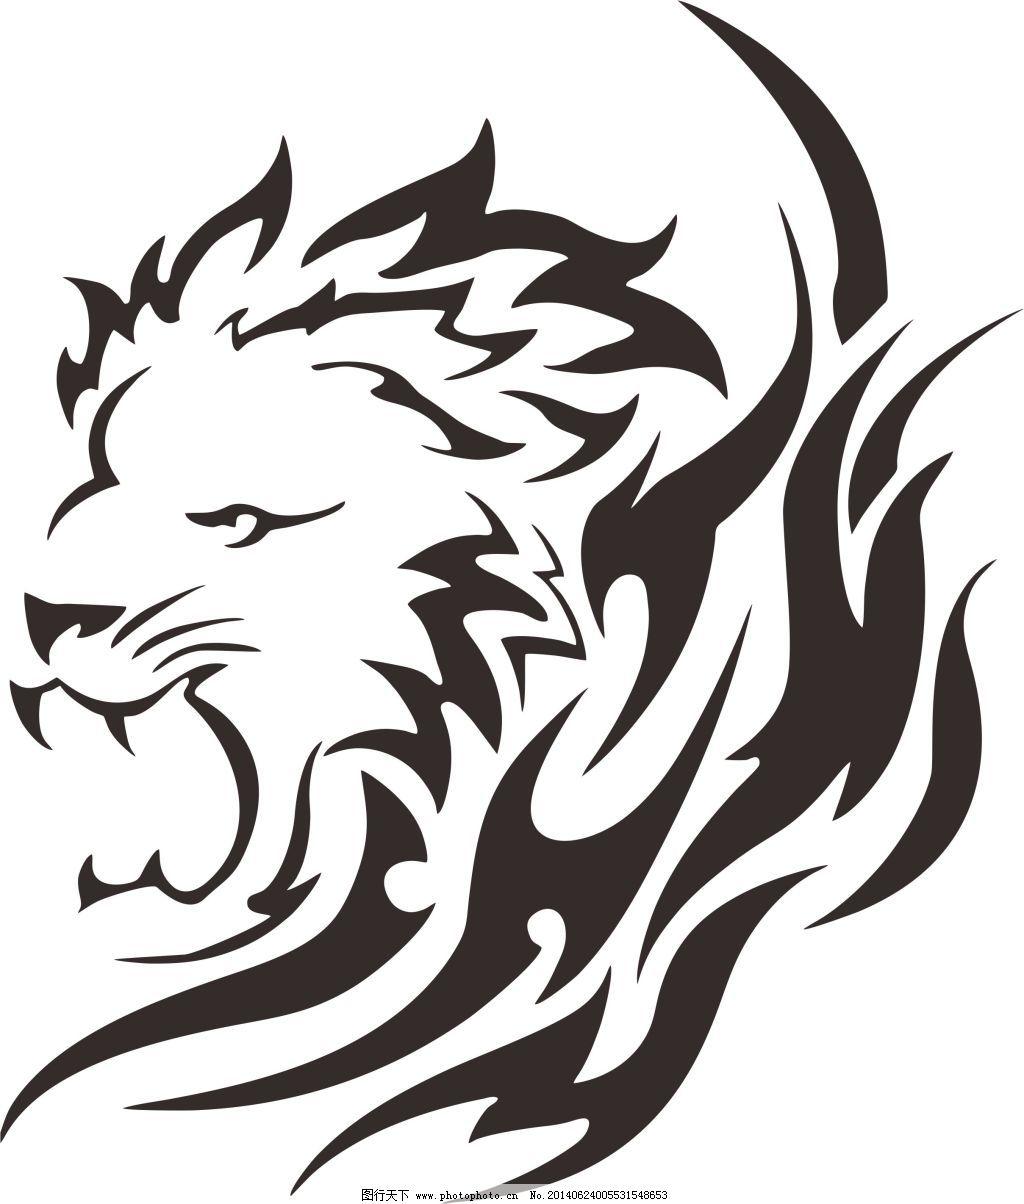 狮子头免费下载 cdr 抽象 简单 生物世界 狮子 狮子头 野生动物 狮子